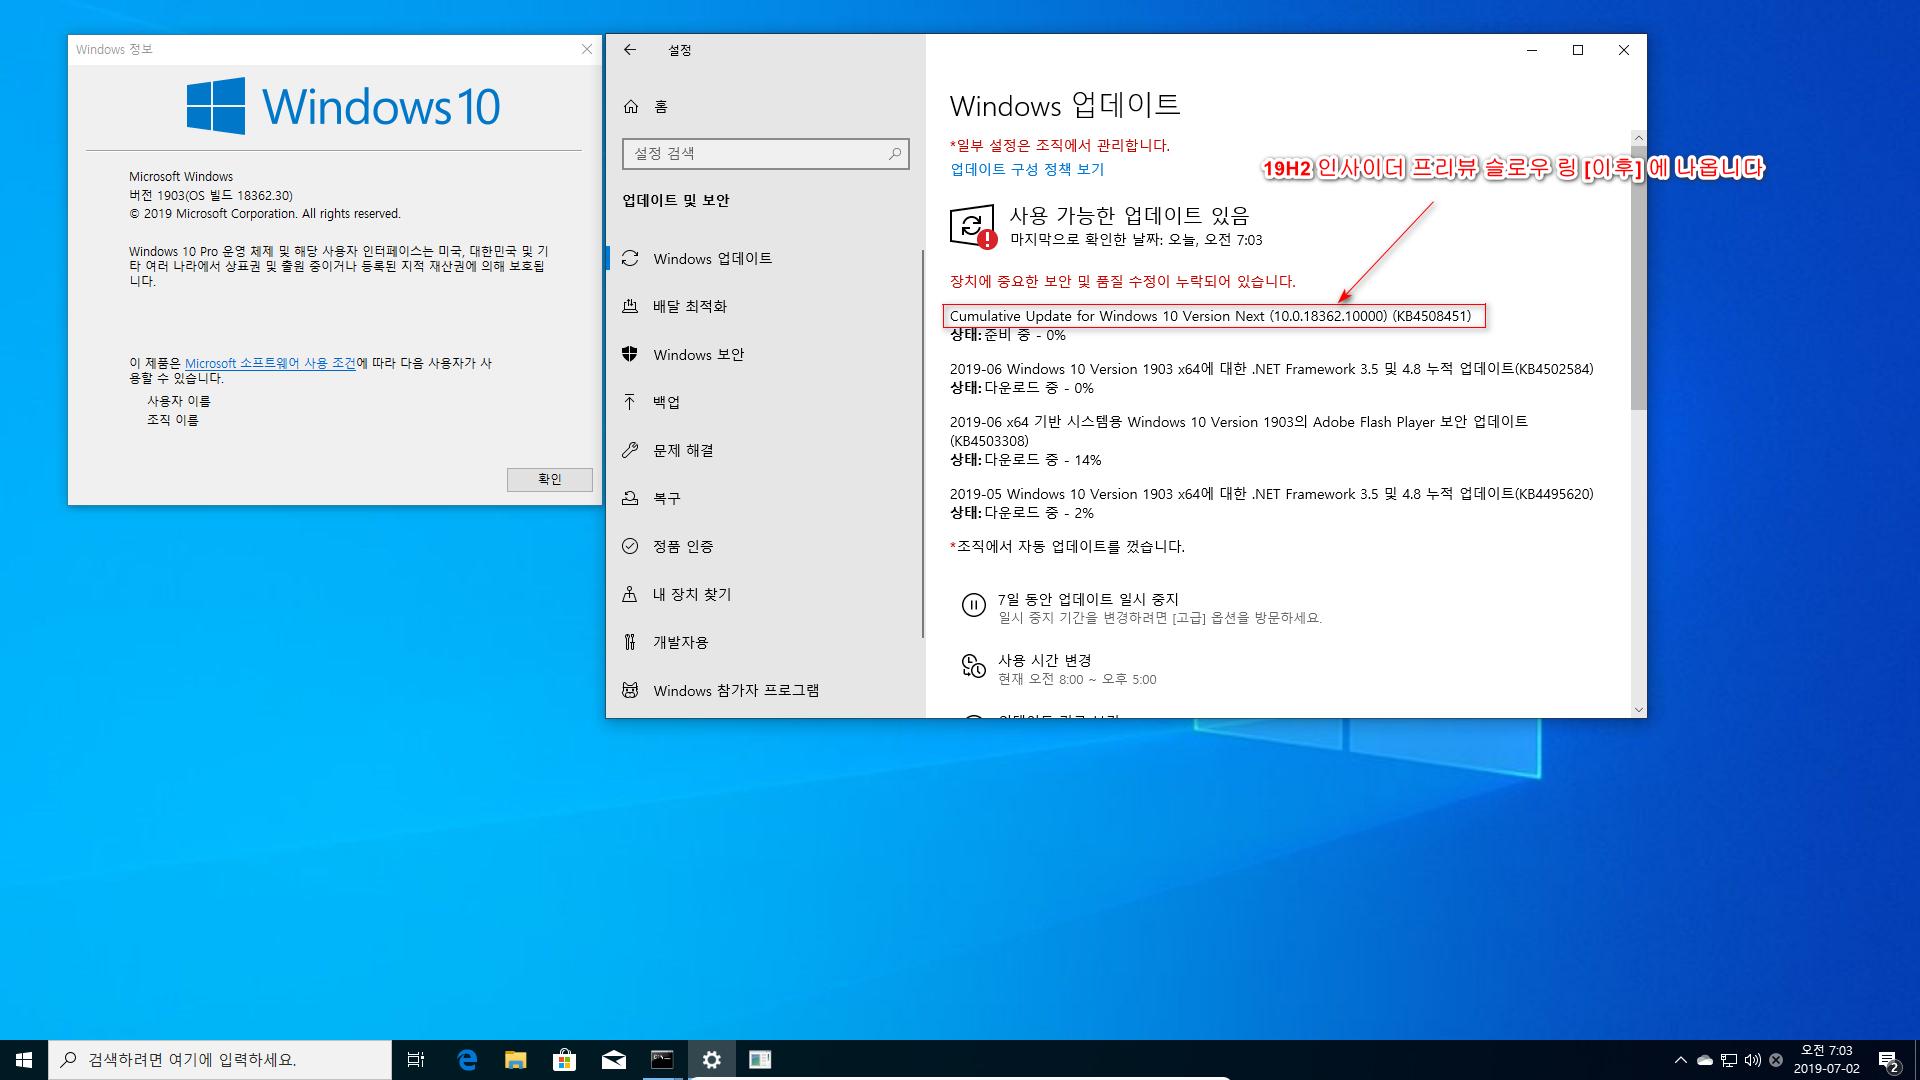 드디어 Windows 10 19H2 나왔네요 - 인사이더 프리뷰 [18362.10000] 2019-07-02_070352.png